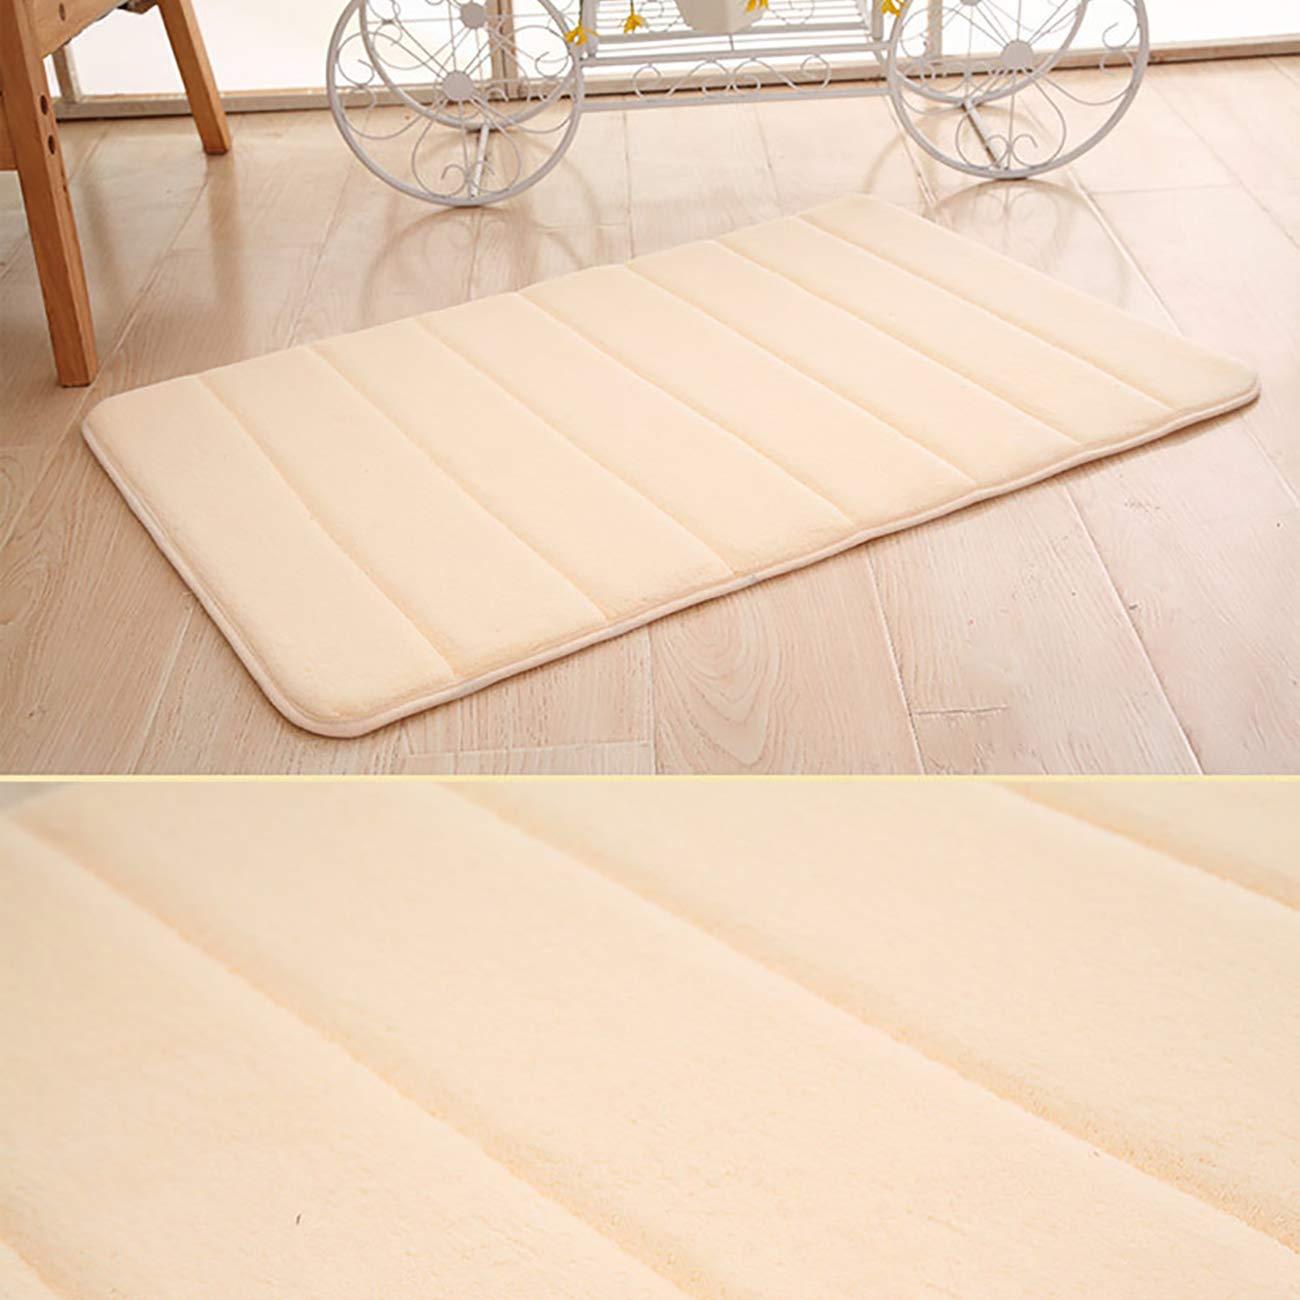 ShiyiUP Thee Alfombra de Ba/ño de Terciopelo de Coral Cream 40x60cm